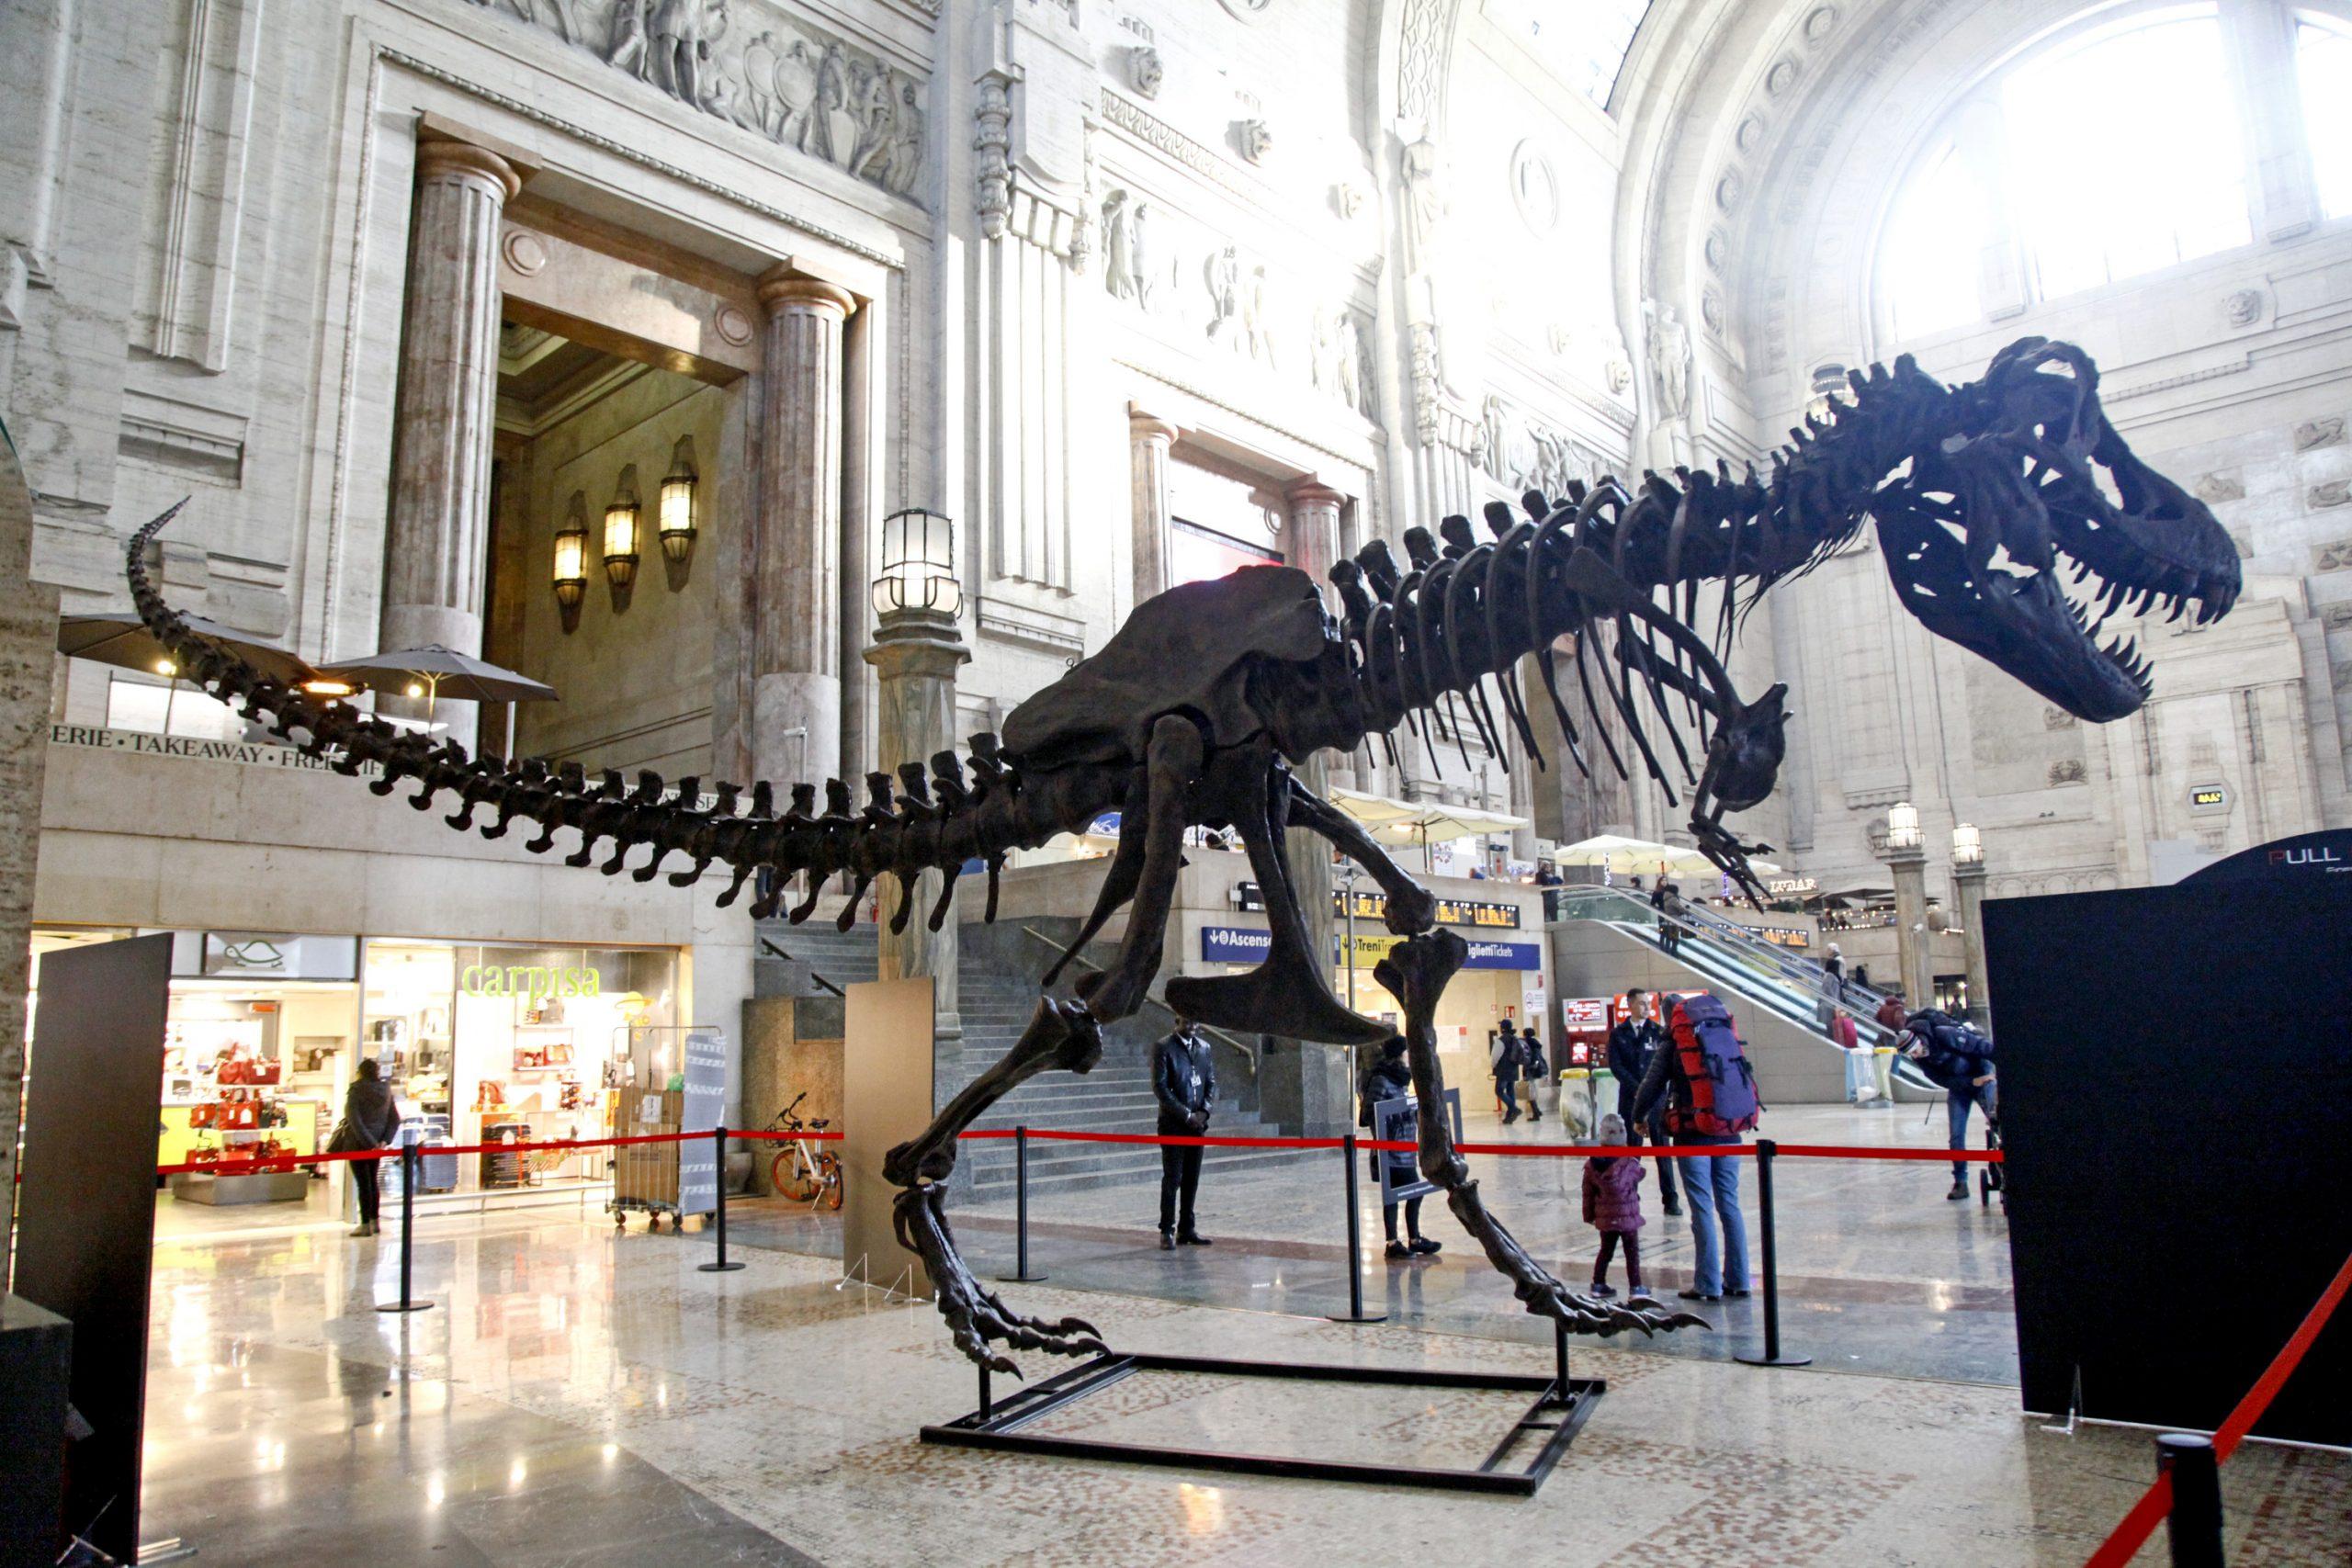 A T-Rex at Milan Central Station – Milan (Italy)